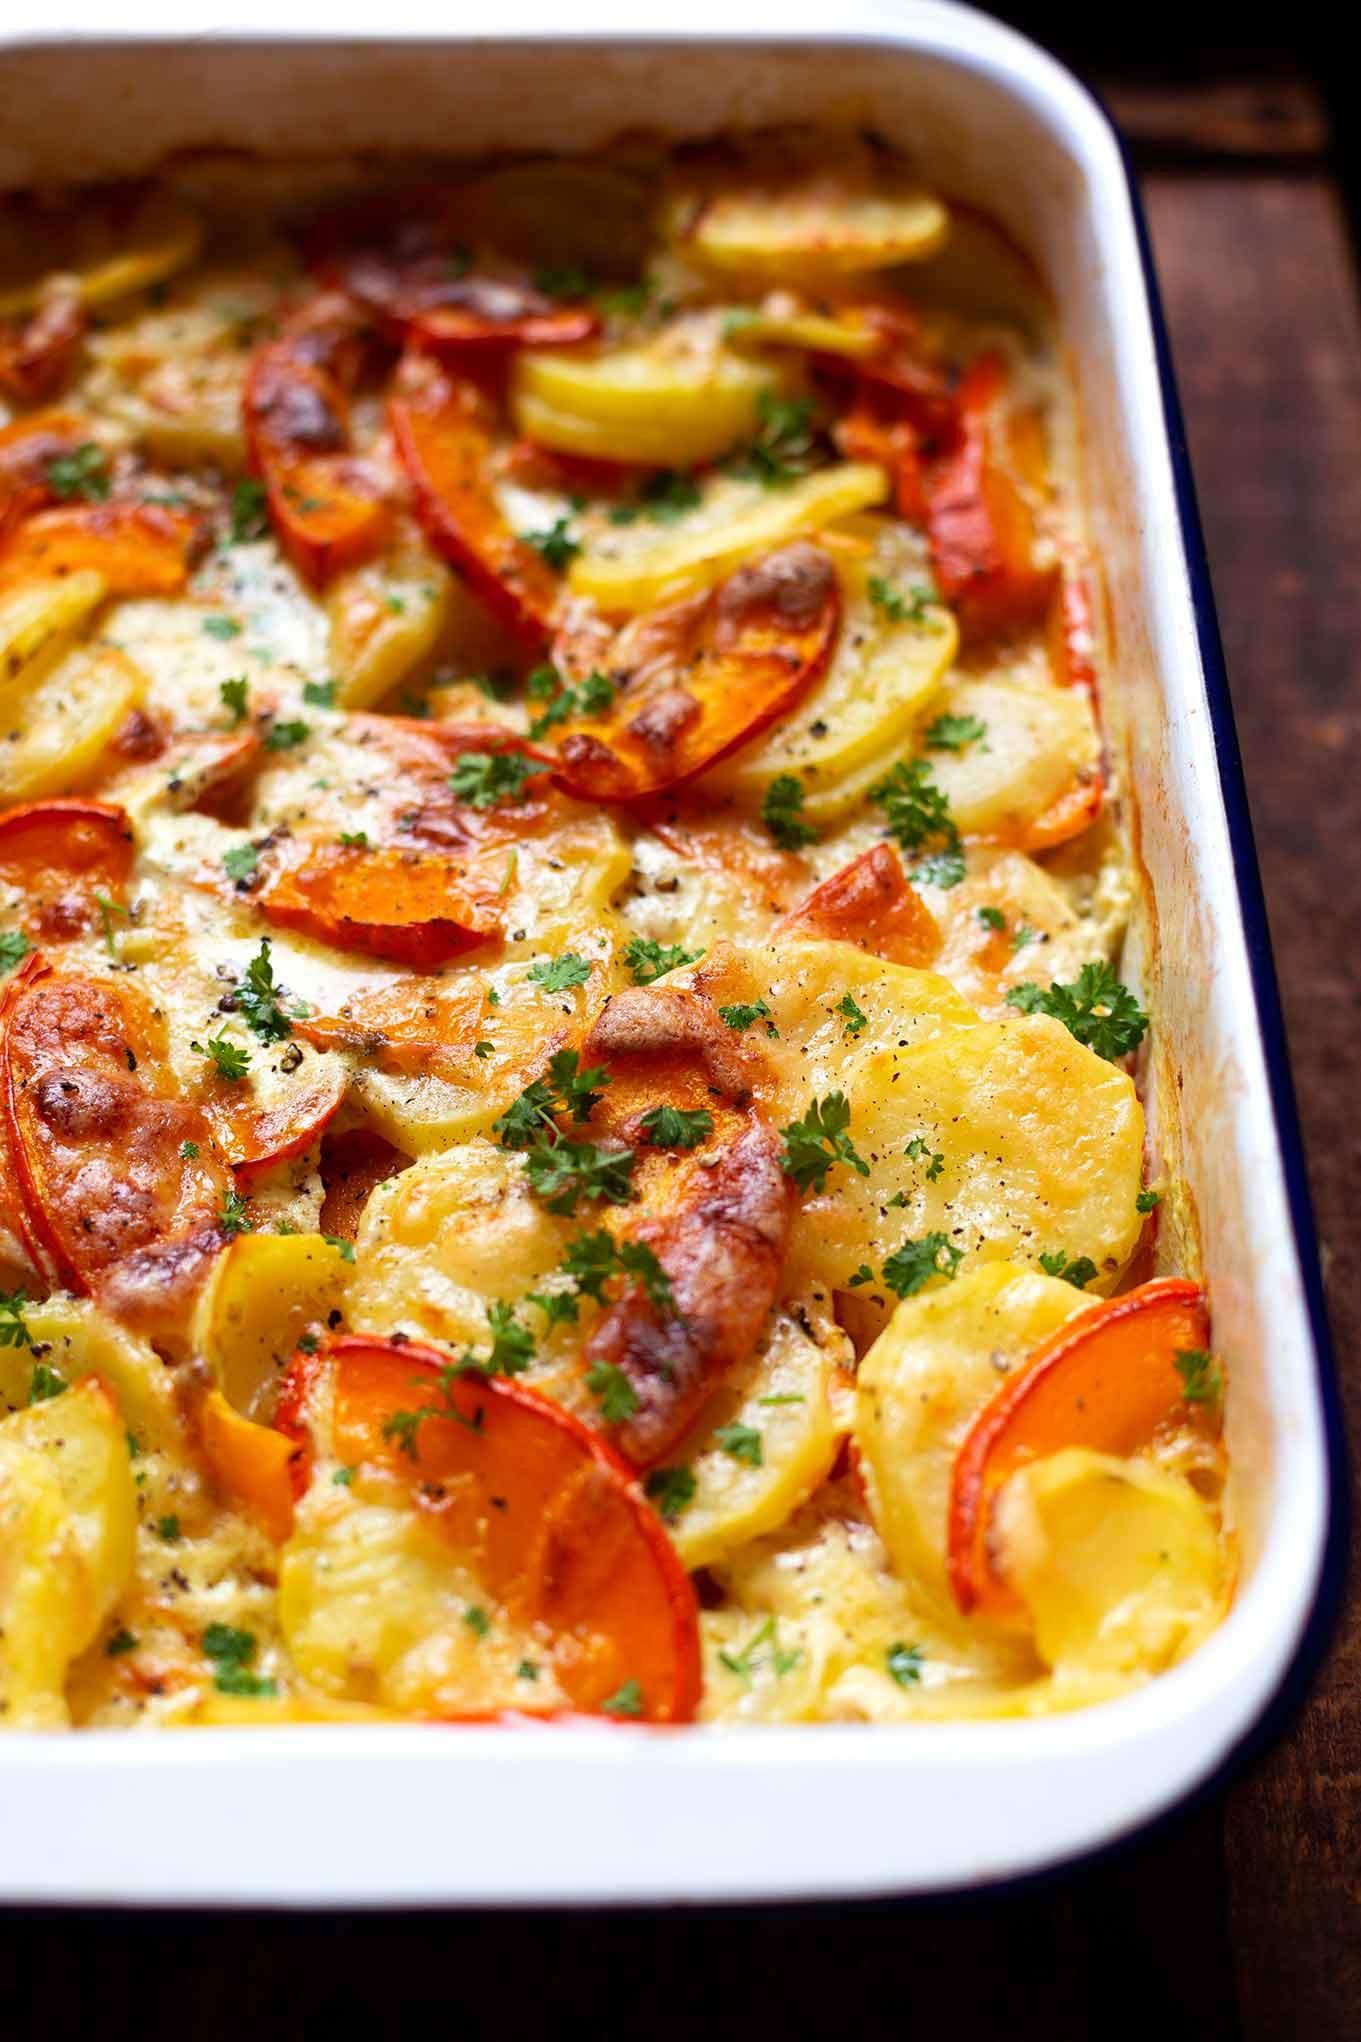 Einfacher Kürbis-Kartoffel-Auflauf. Dieses schnelle Rezept ist vegetarisch und schmeckt garantiert allen! - Kochkarussell Foodblog #kürbis #kürbiskartoffelauflauf #herbstrezept